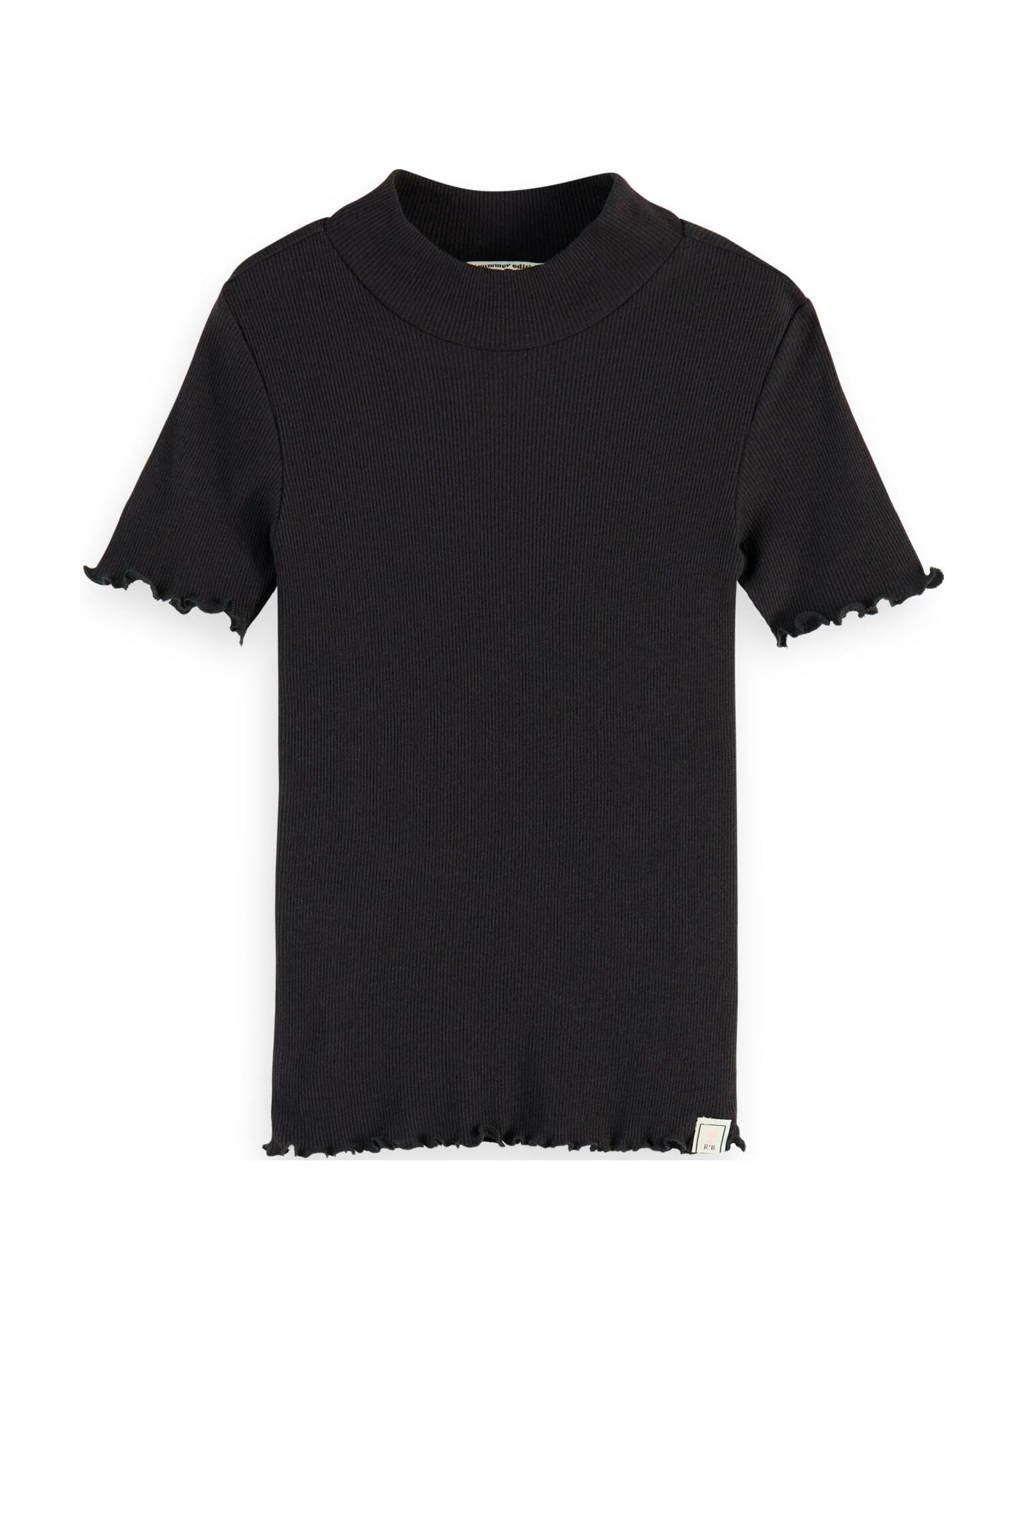 Scotch & Soda T-shirt zwart, Zwart